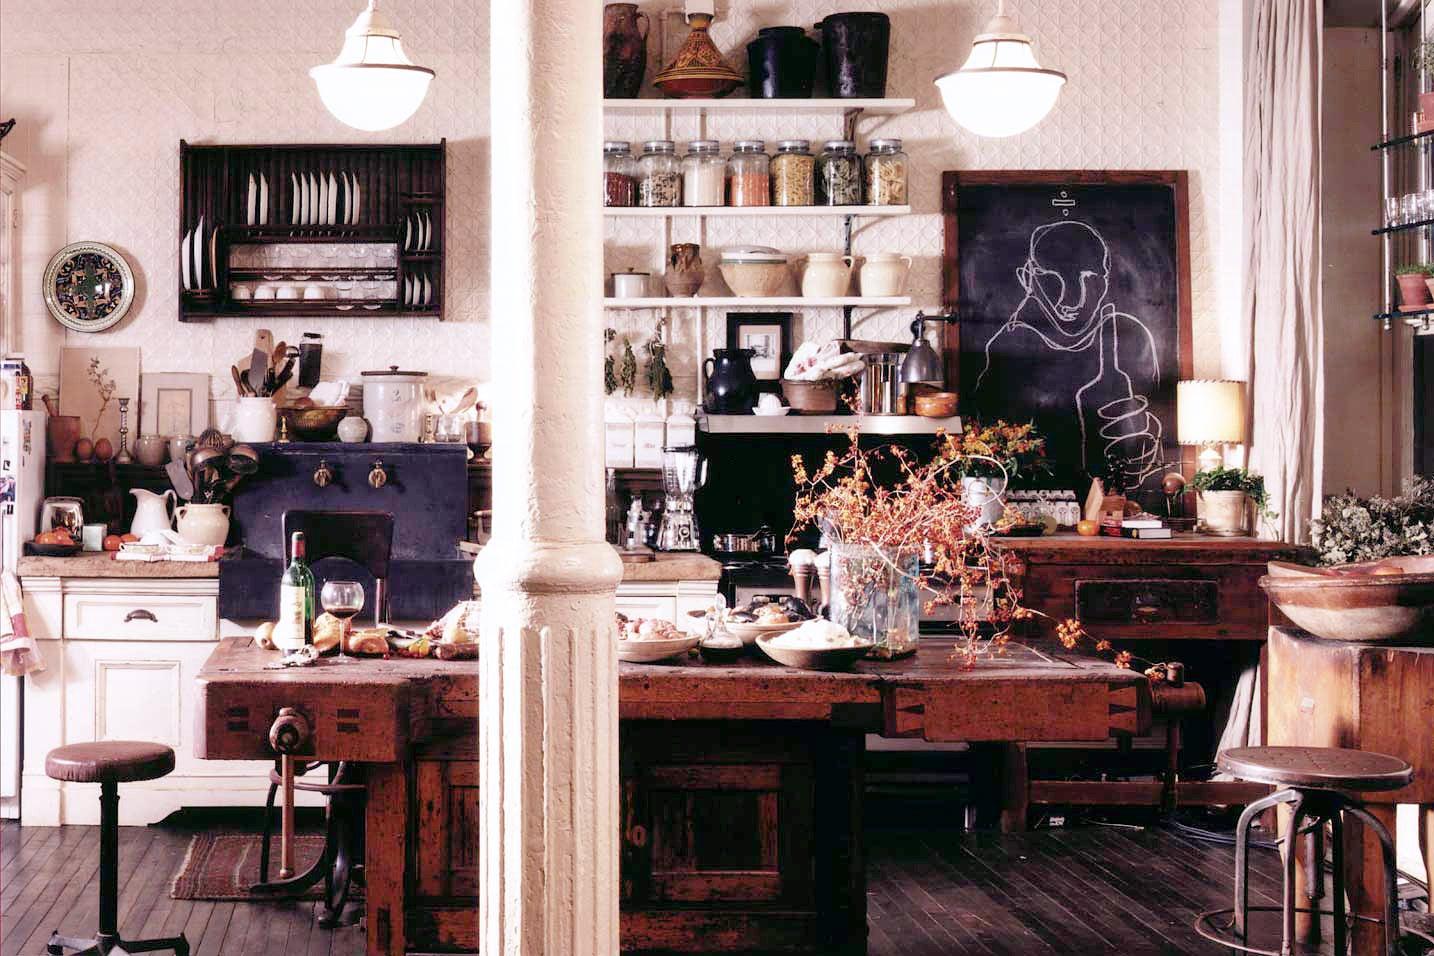 a nancy meyers style kitchen